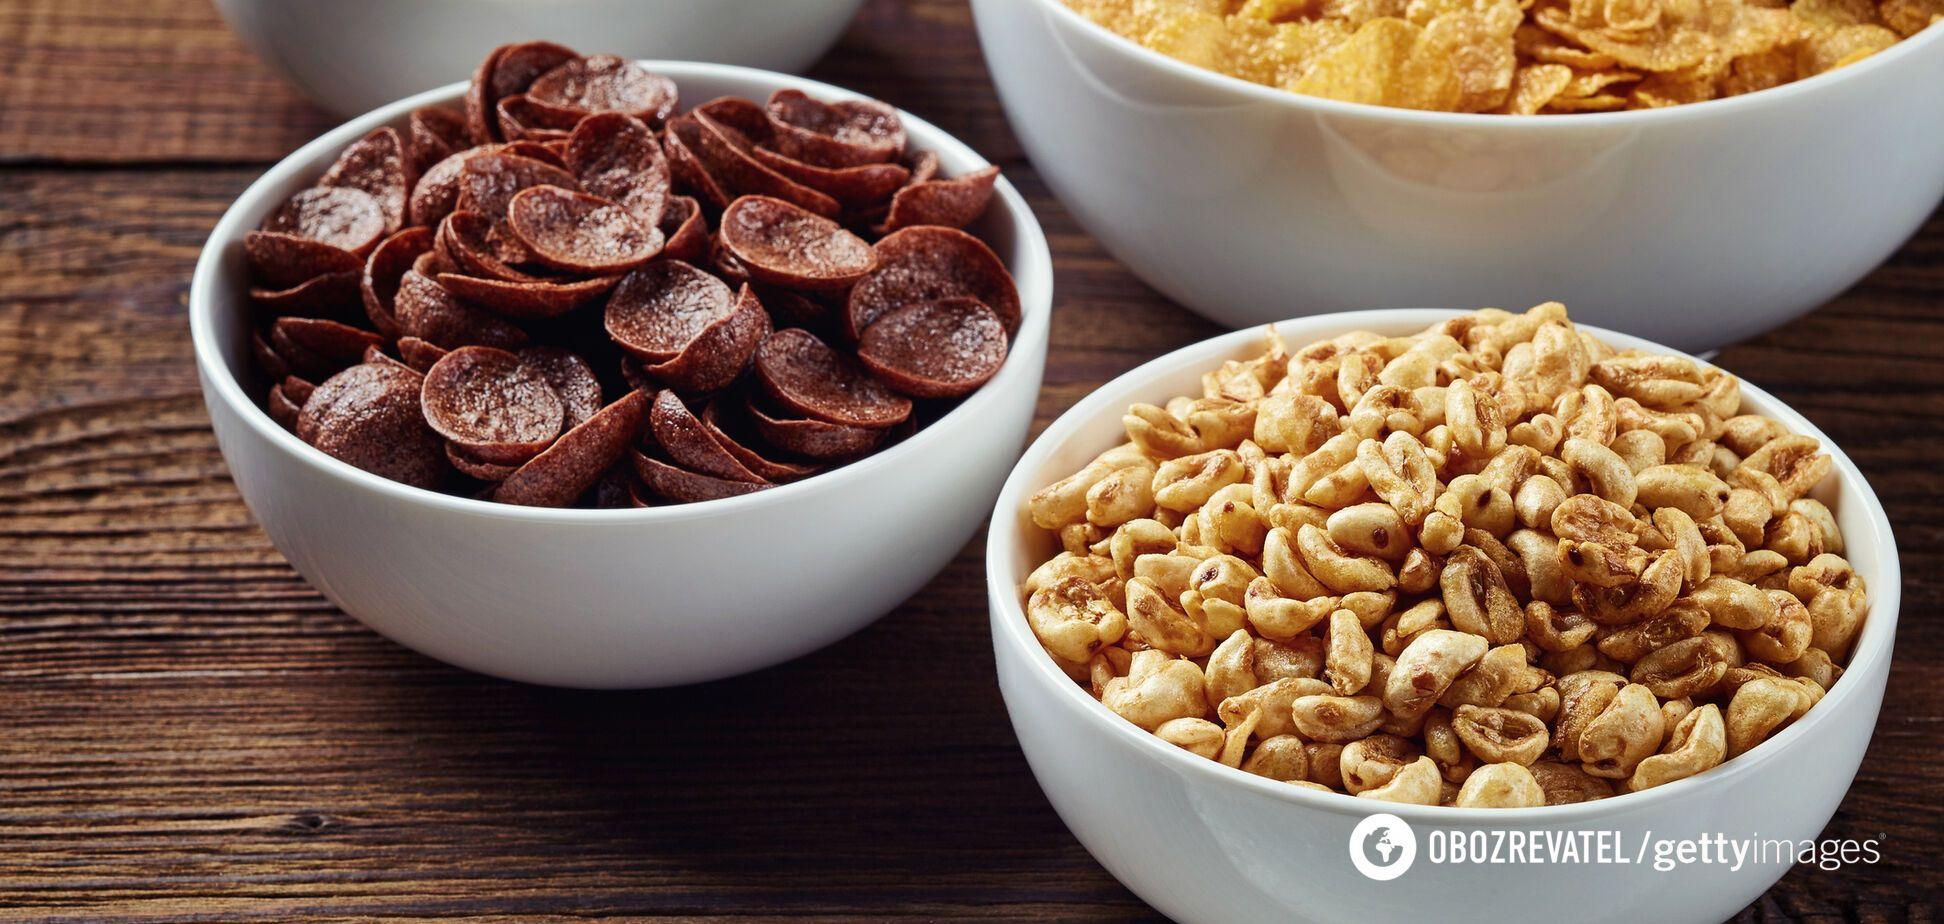 Лучше выбирать сухие завтраки с наименьшим количеством сахара